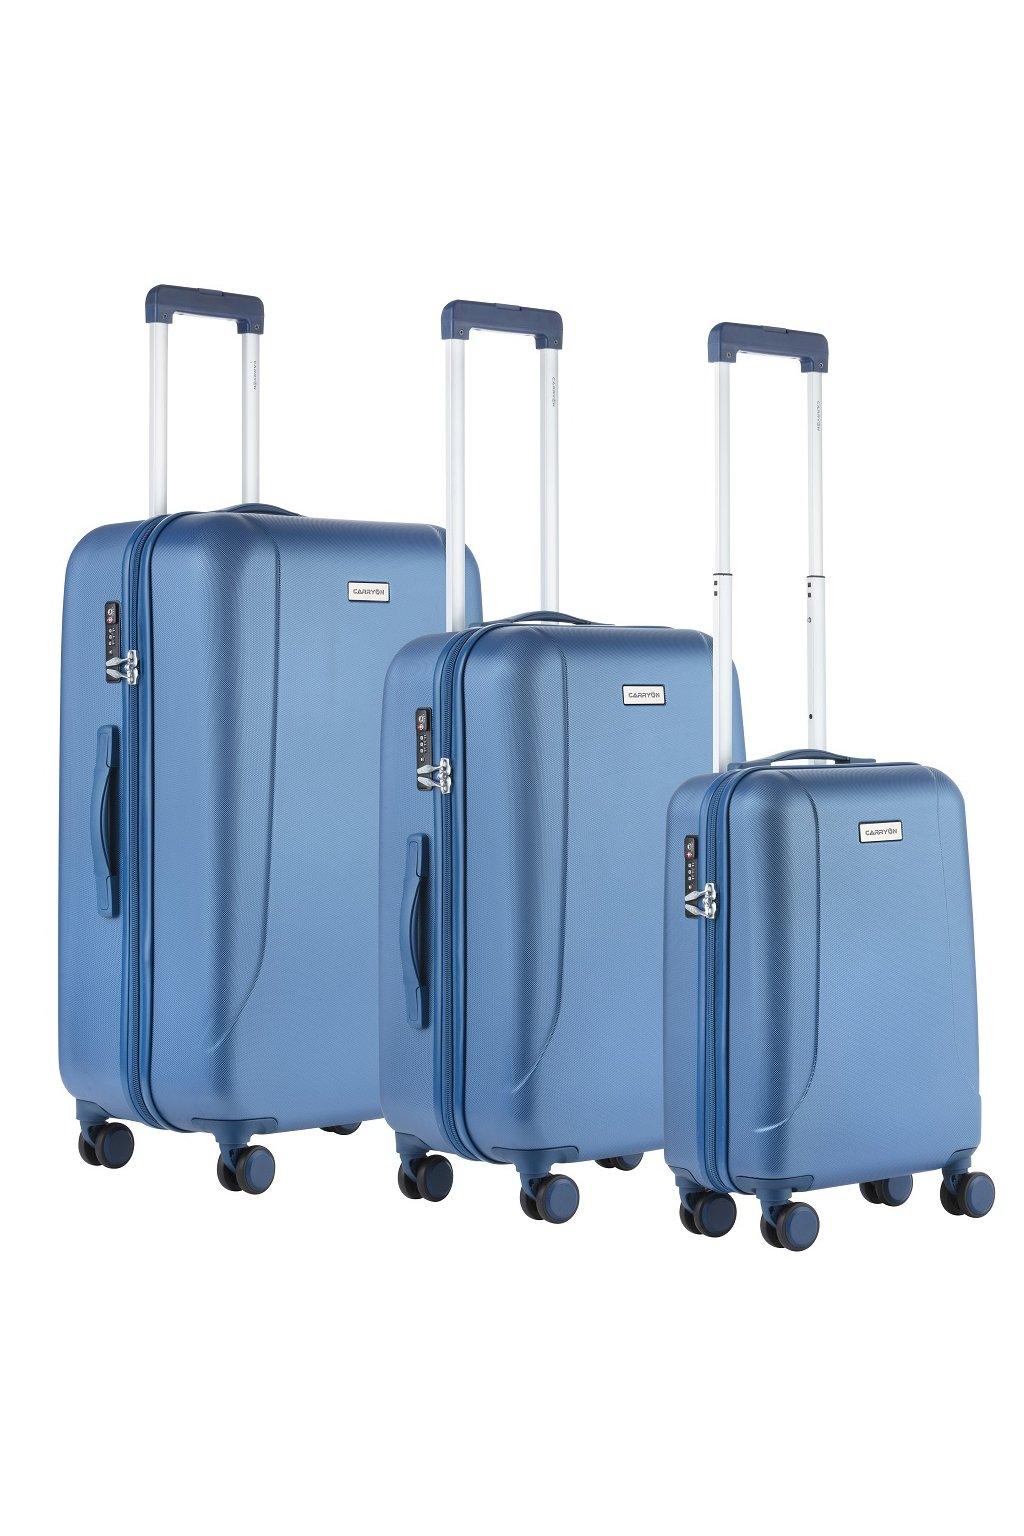 kufrland carryon skyhopper blue (1)